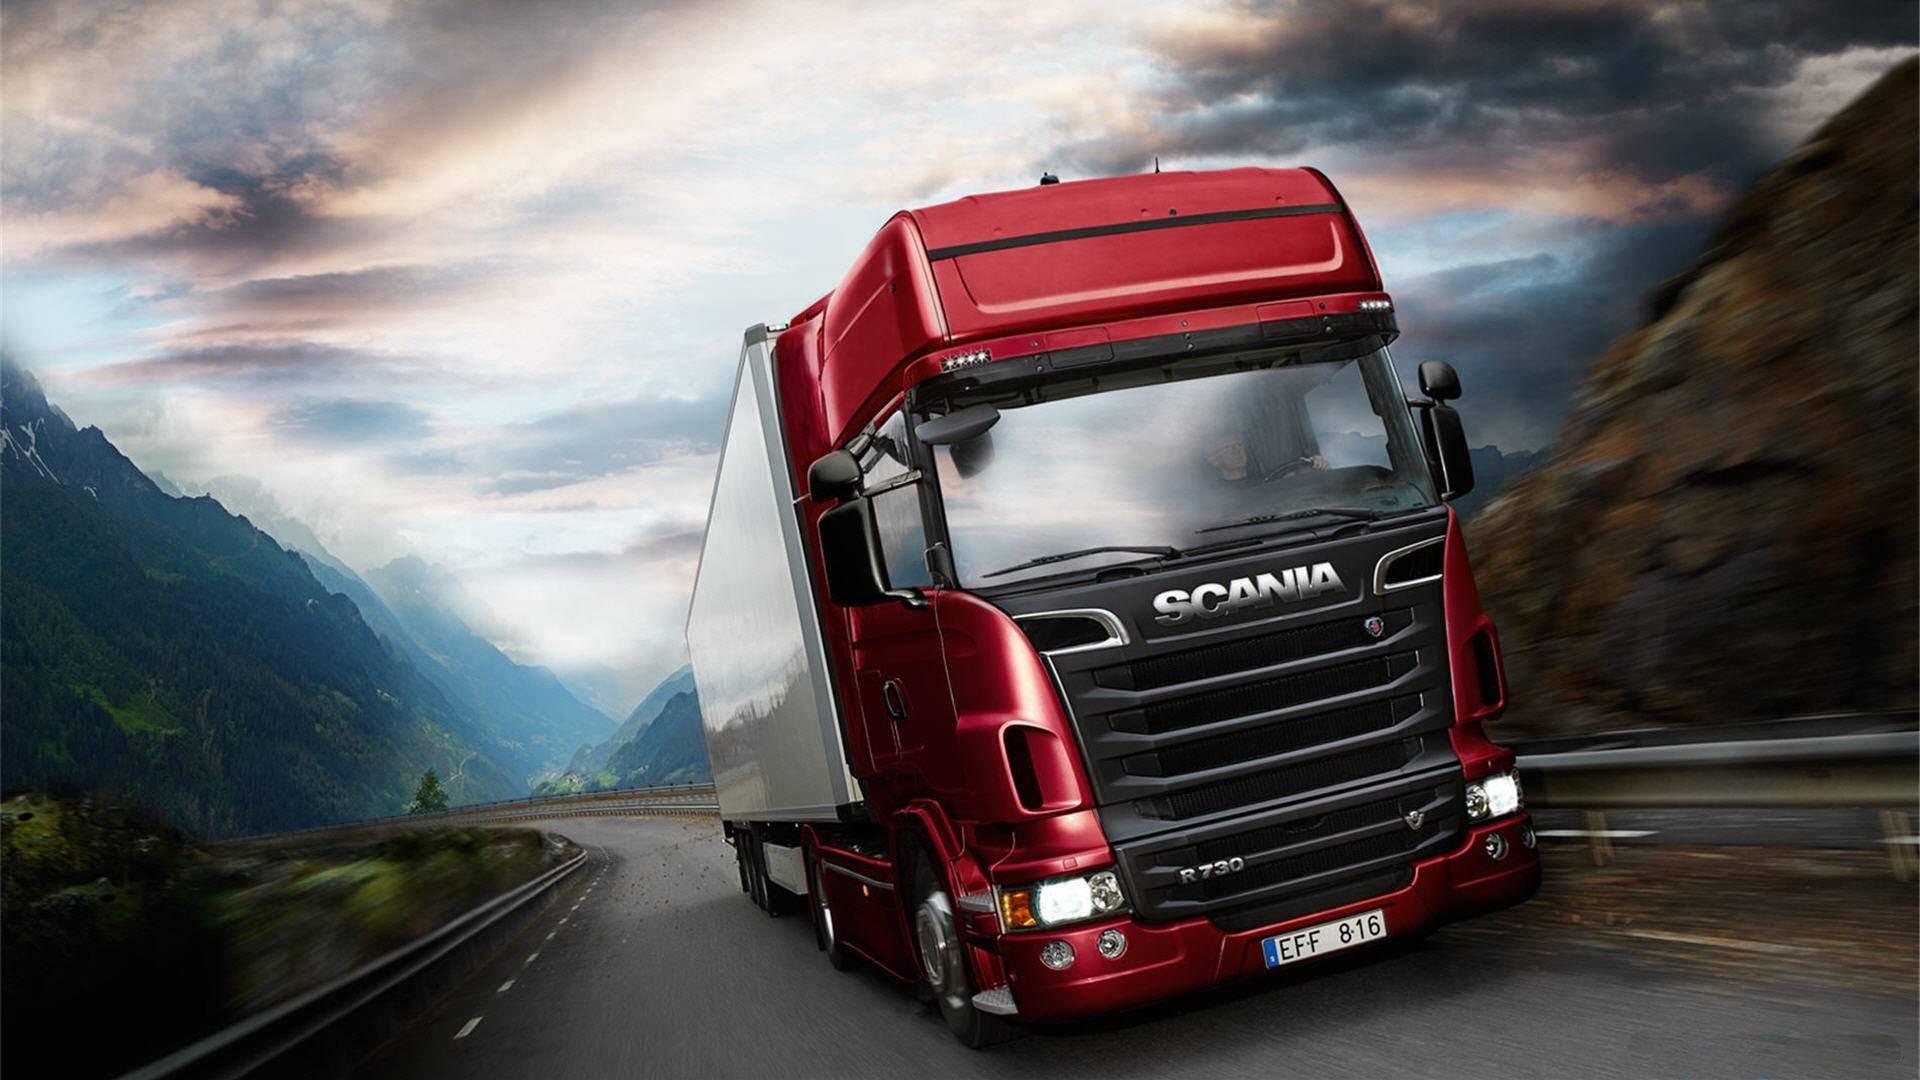 Euro Truck Simulator 2 v1.11.1 Patch